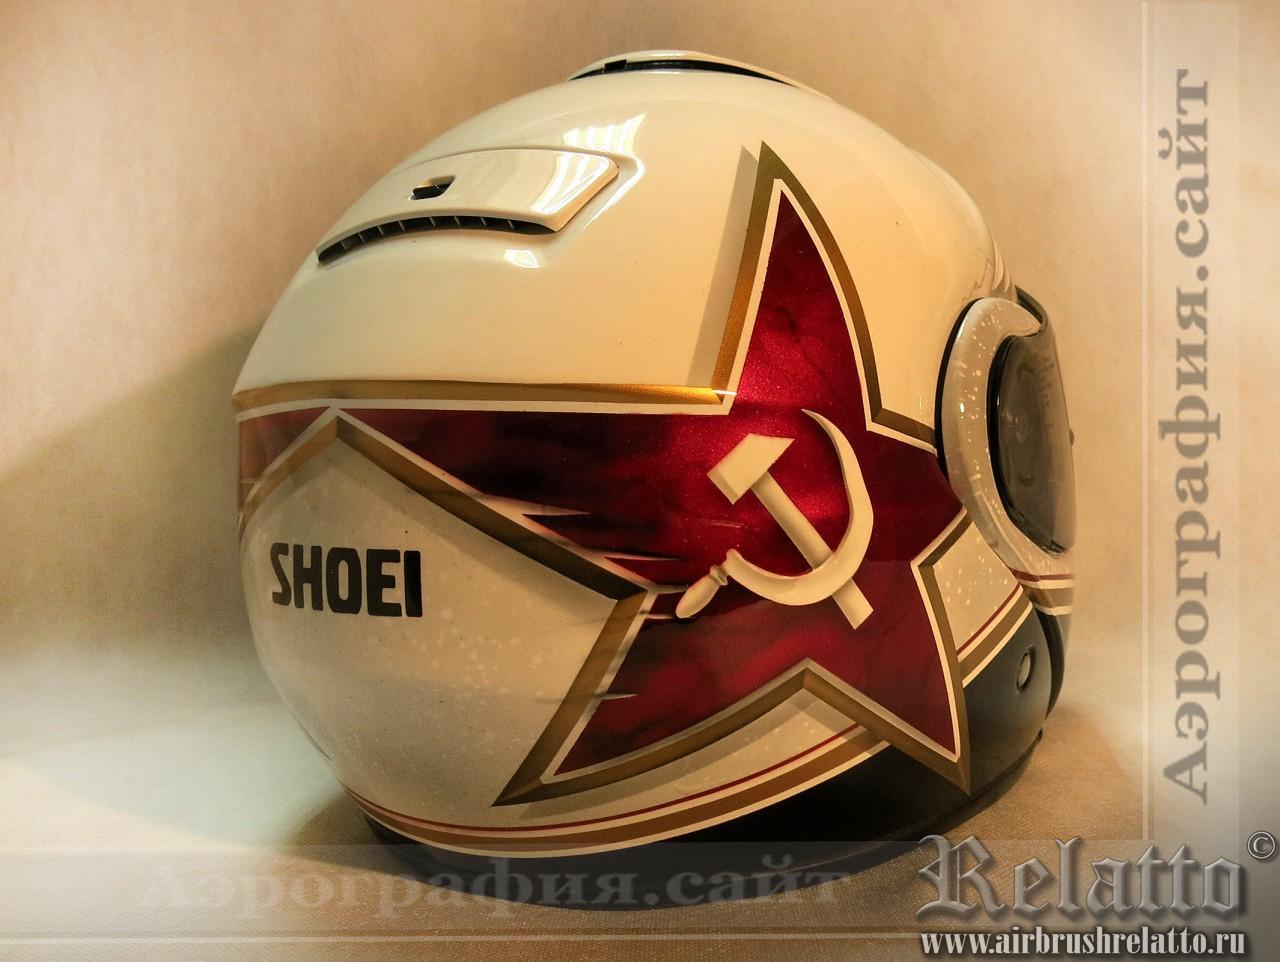 рисунок на шлеме shoel